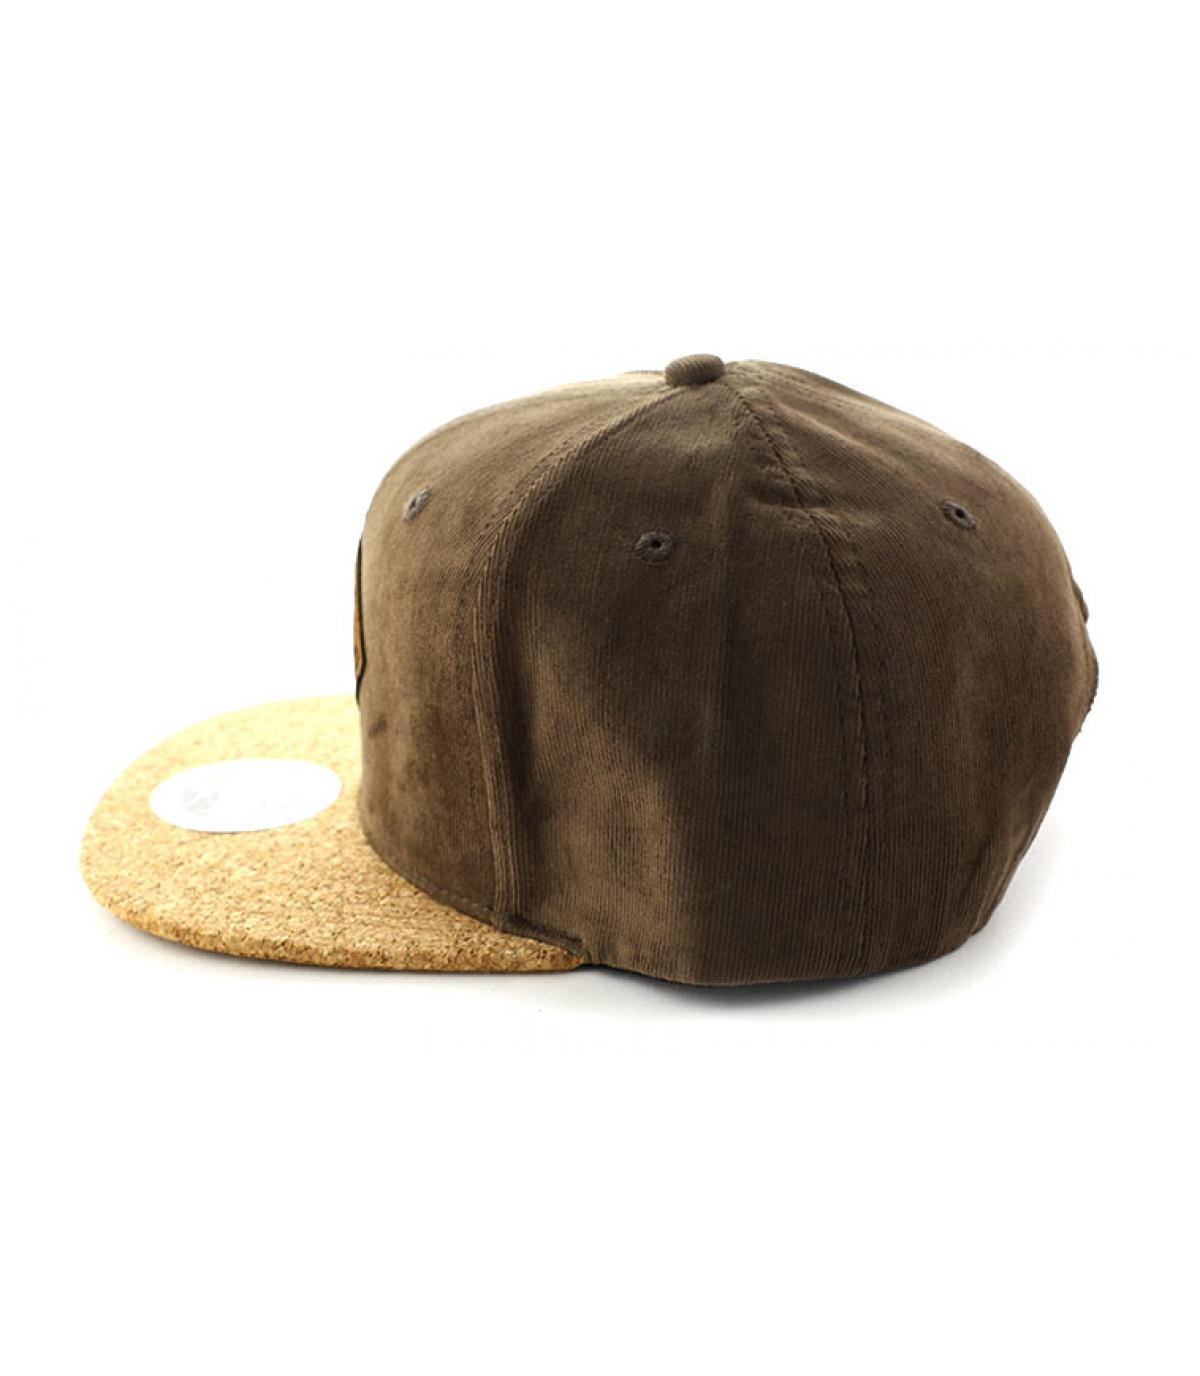 Détails Snapback Aaaargh brown cork - image 4